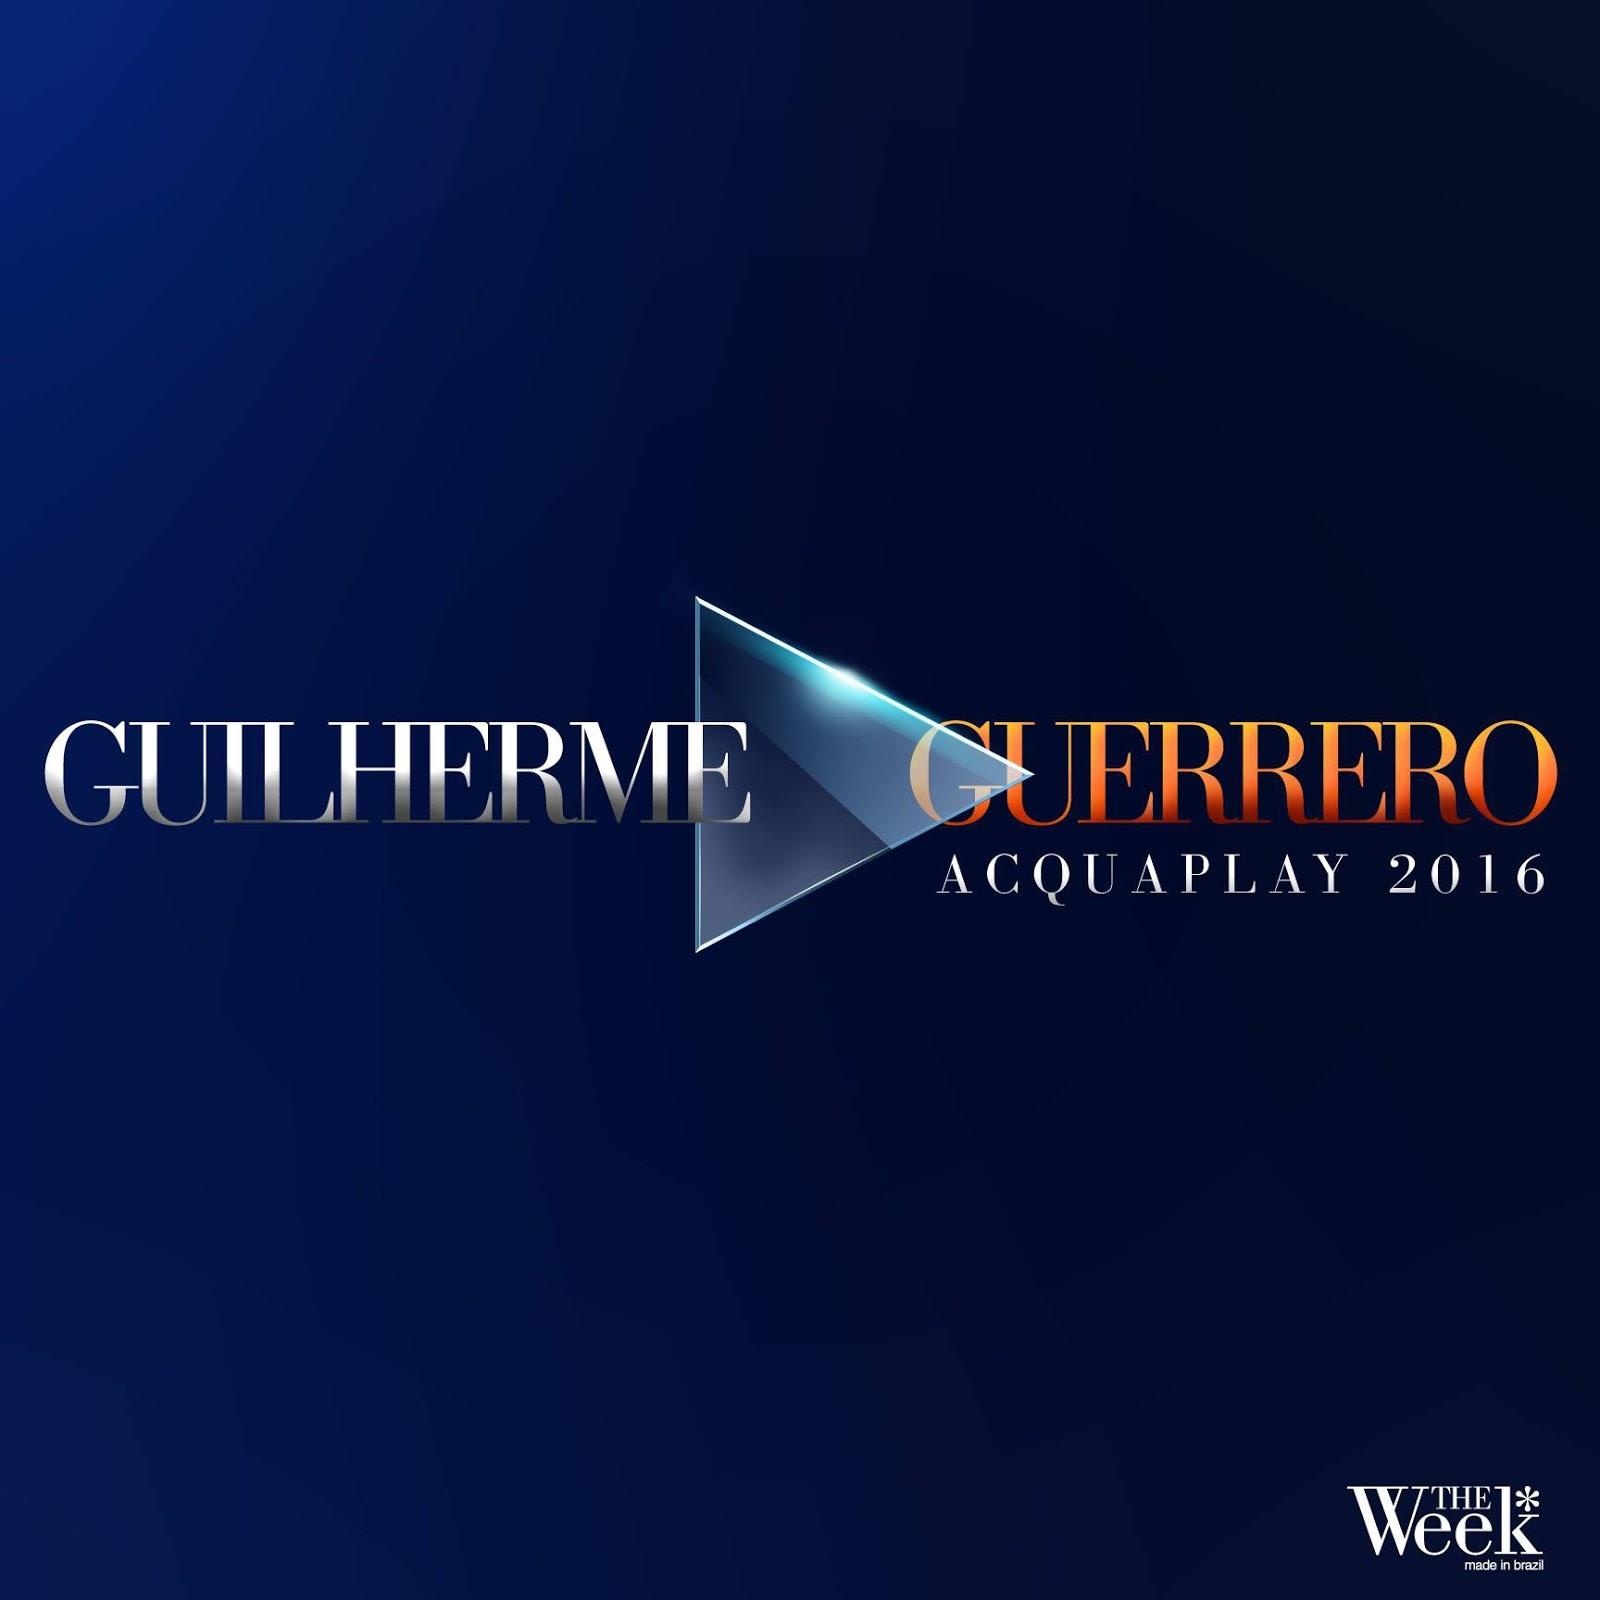 DJ Guilherme Guerrero - Acquaplay 2016